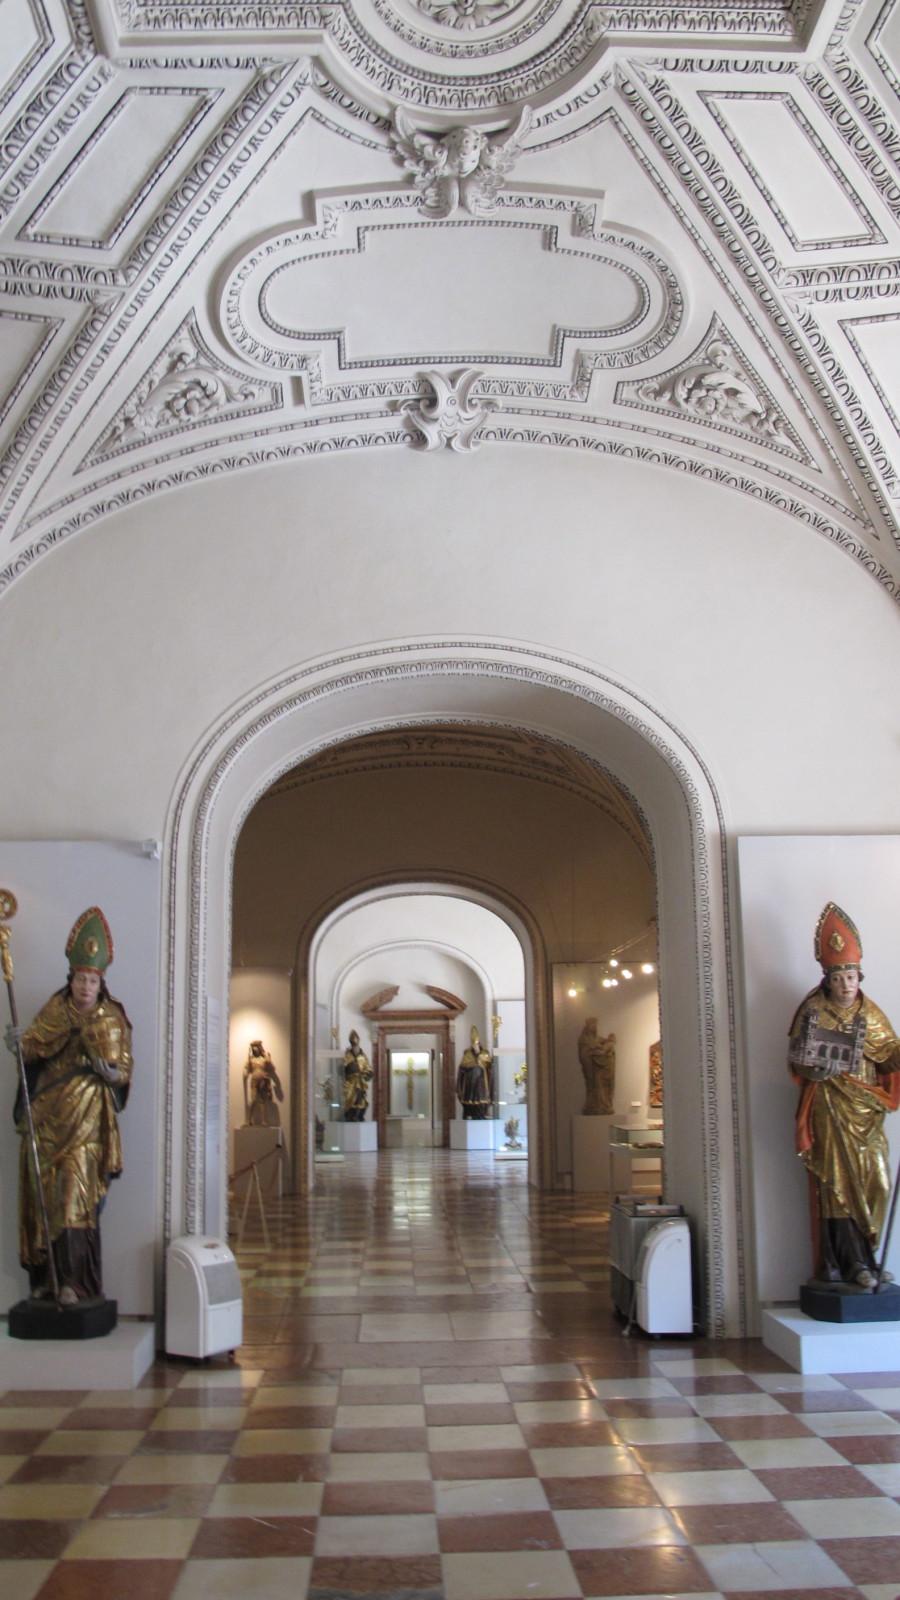 Dommuseum mit Domschatz und religiösen Kunstschätzen